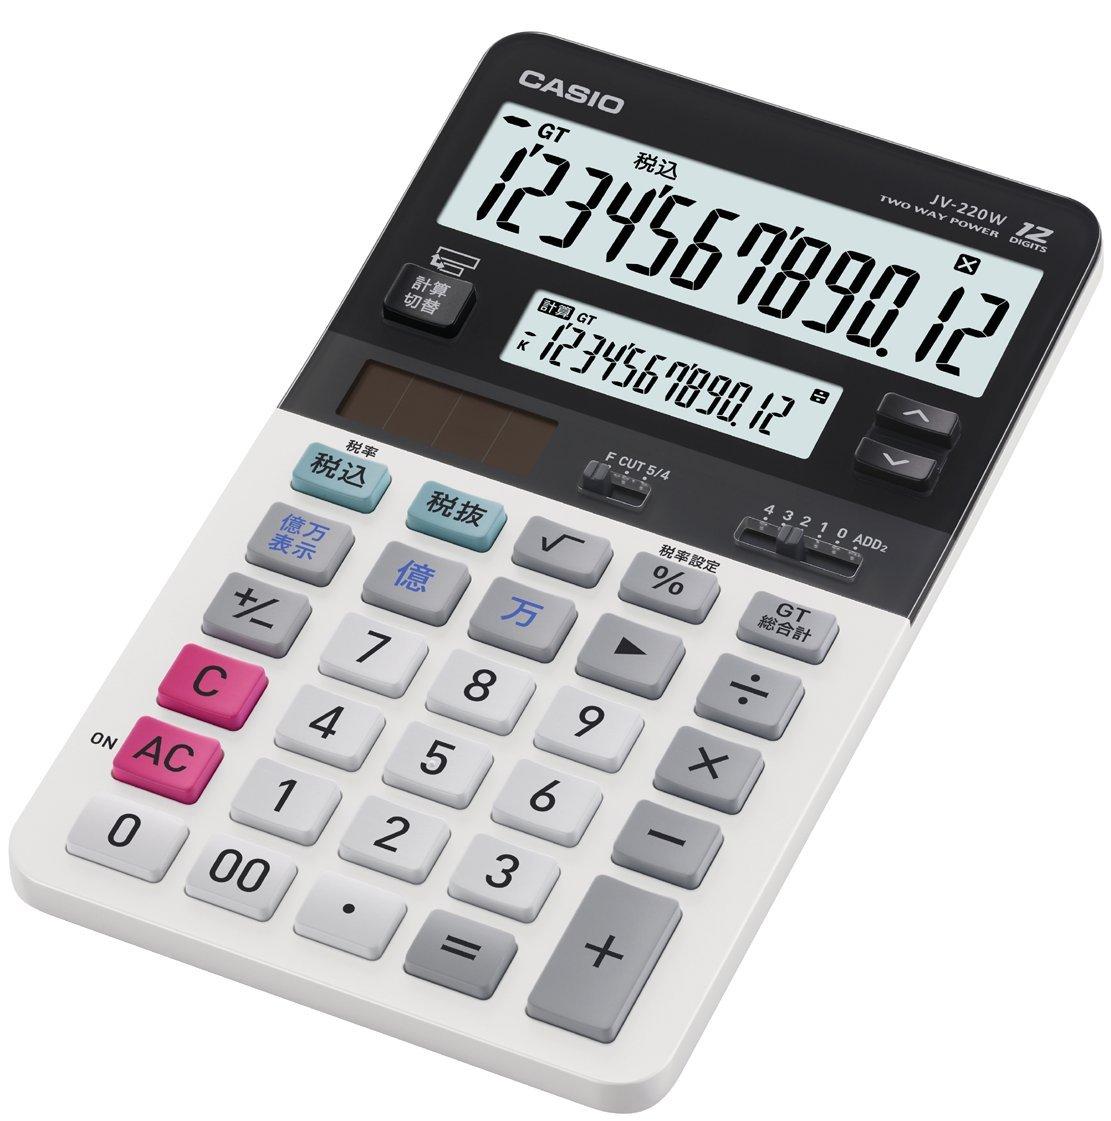 カシオ ツイン液晶電卓 JV-220W-N